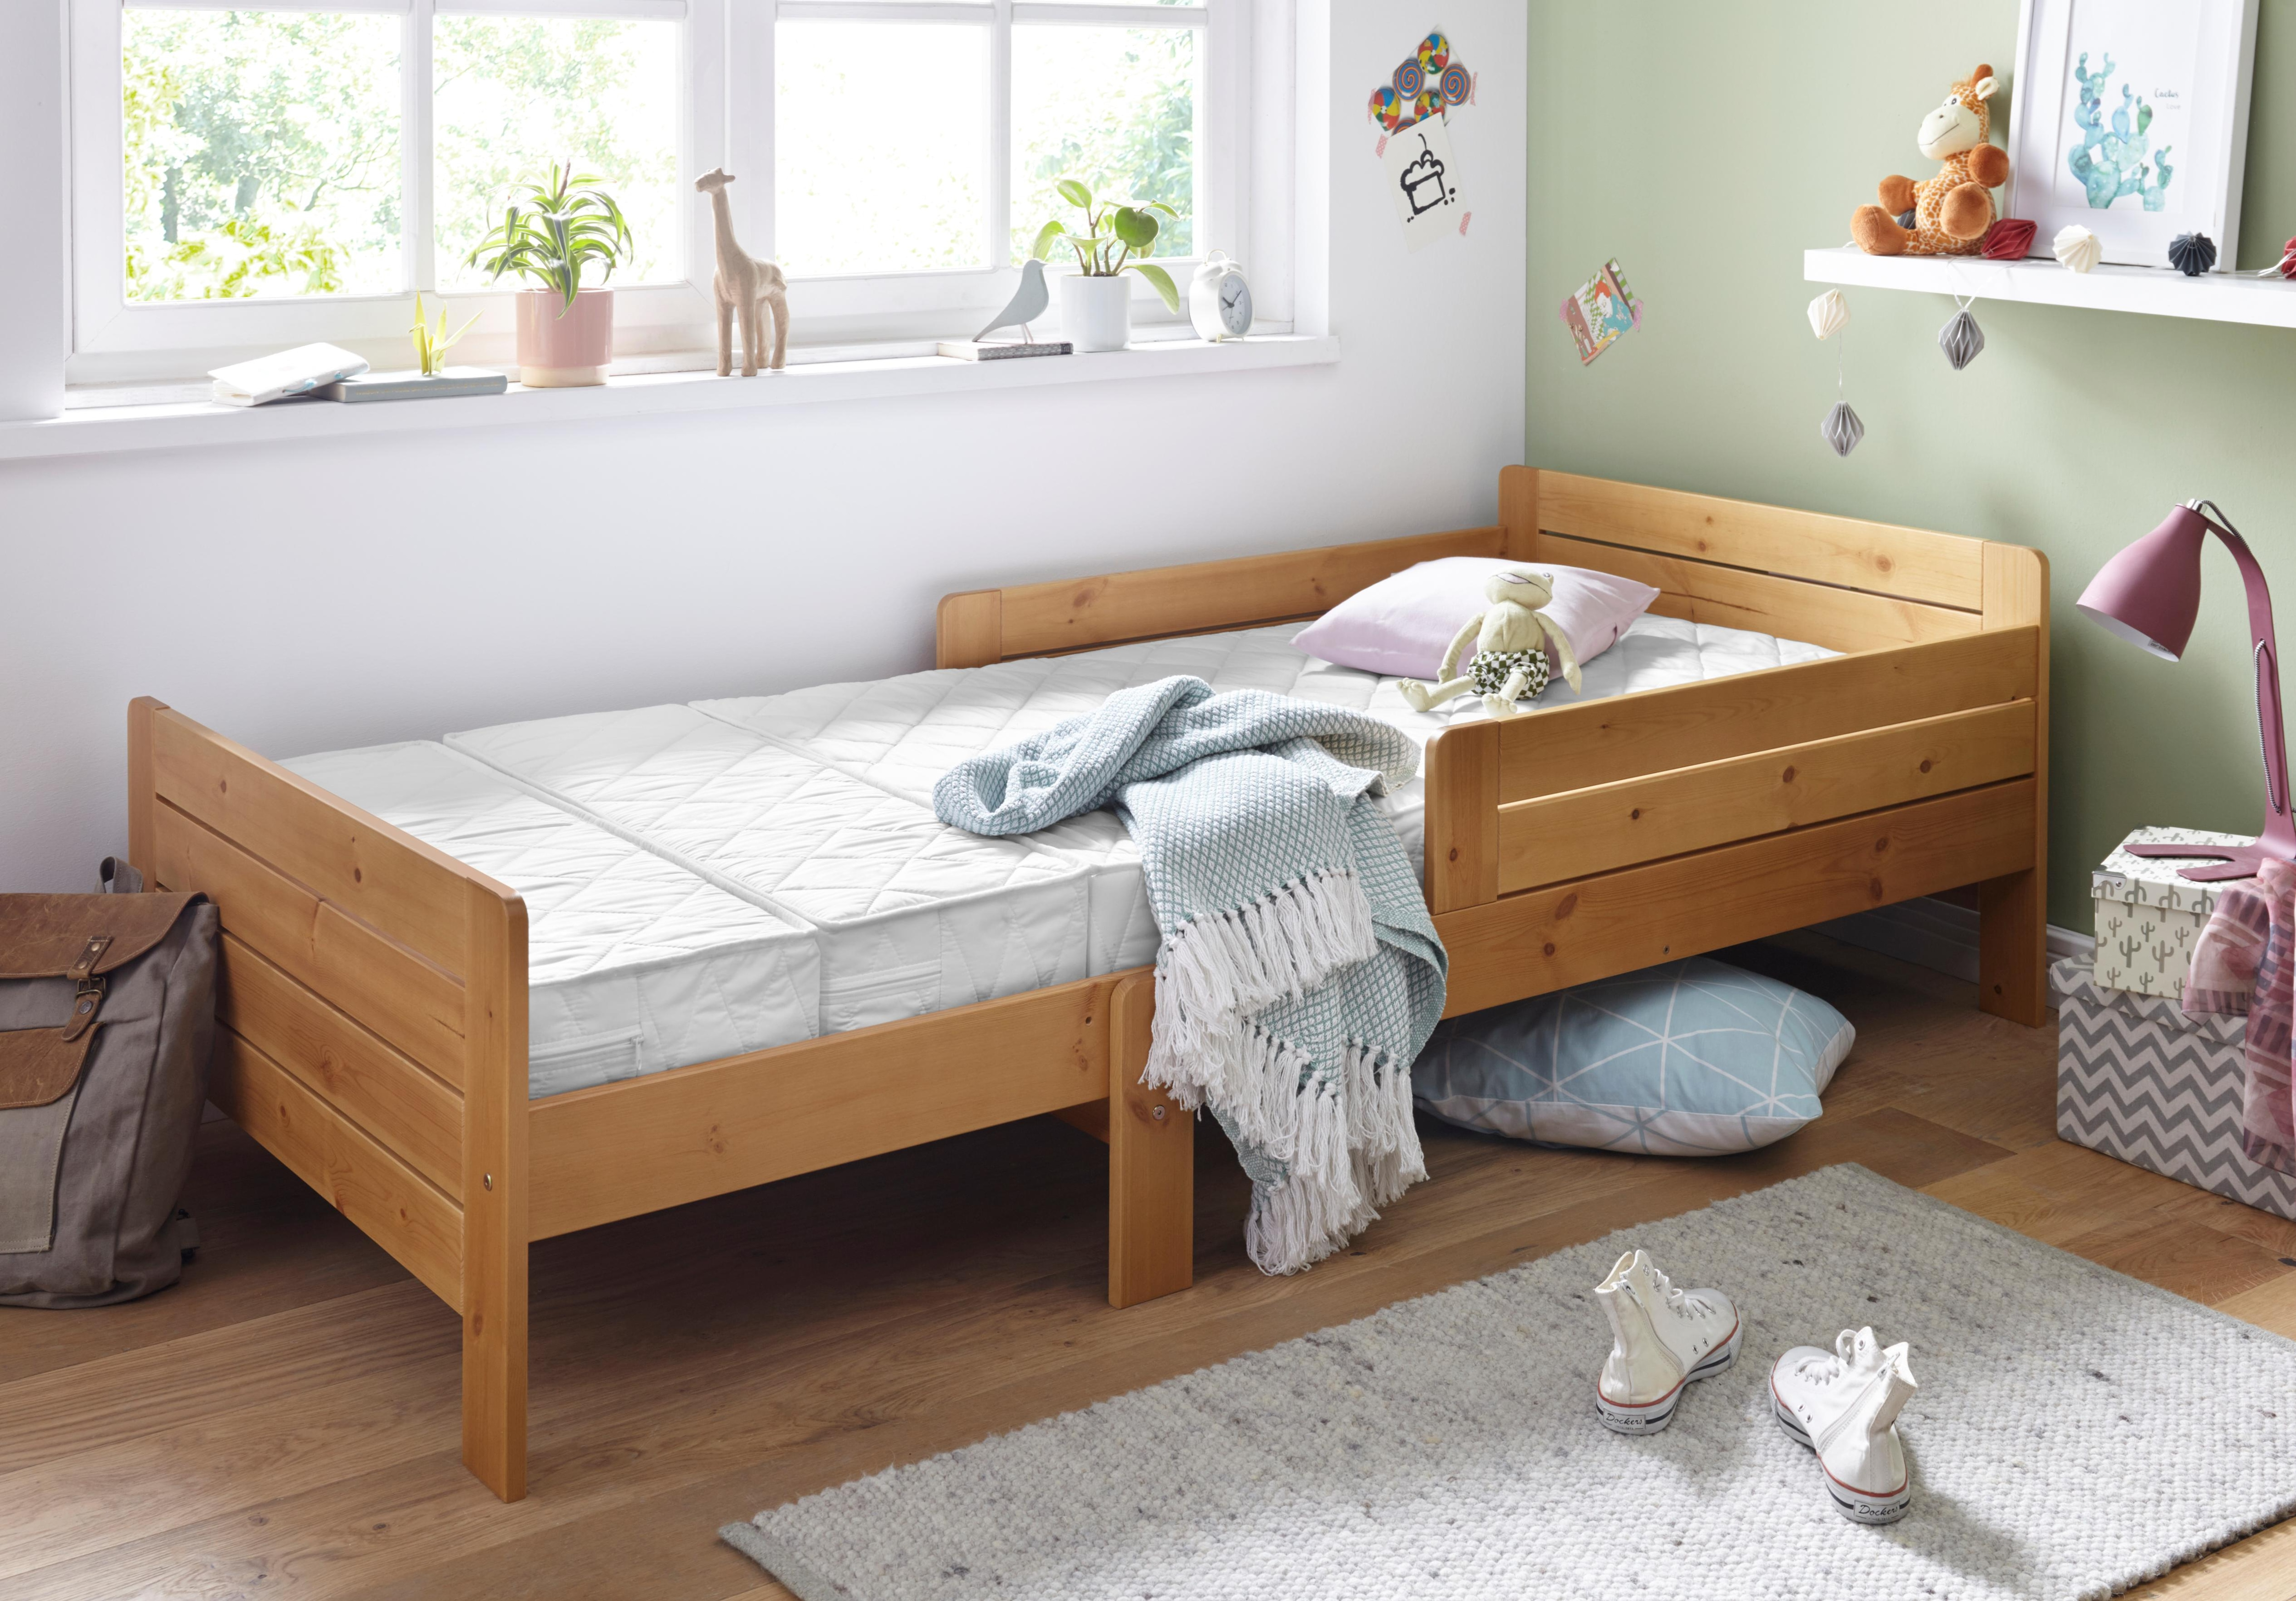 Breckle Kindermatratze zum Mitwachsen (3-tlg)   Kinderzimmer > Textilien für Kinder > Kinderbettwäsche   Weiß   Breckle